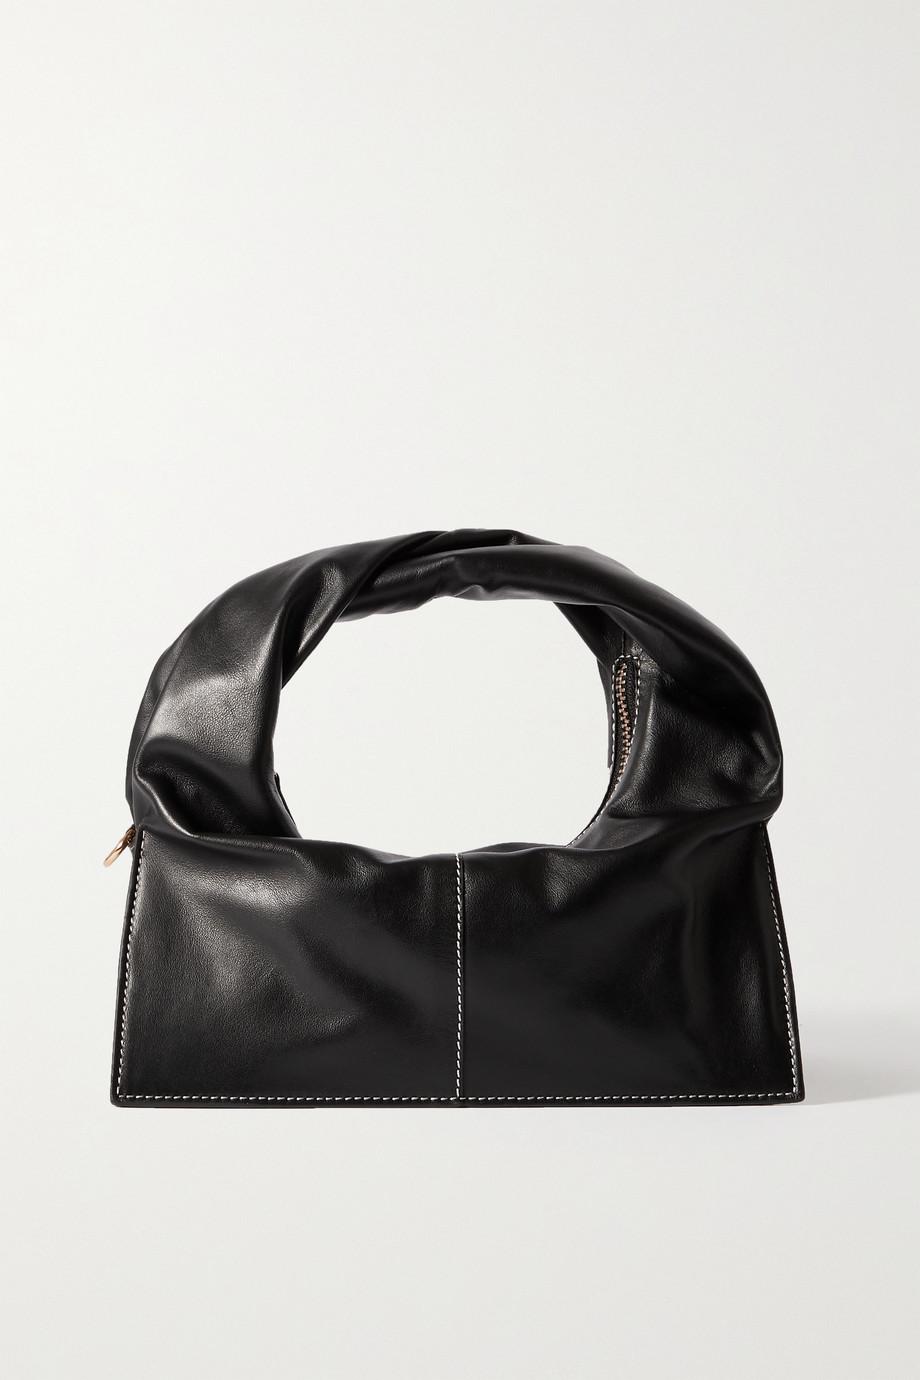 Yuzefi Wonton leather tote